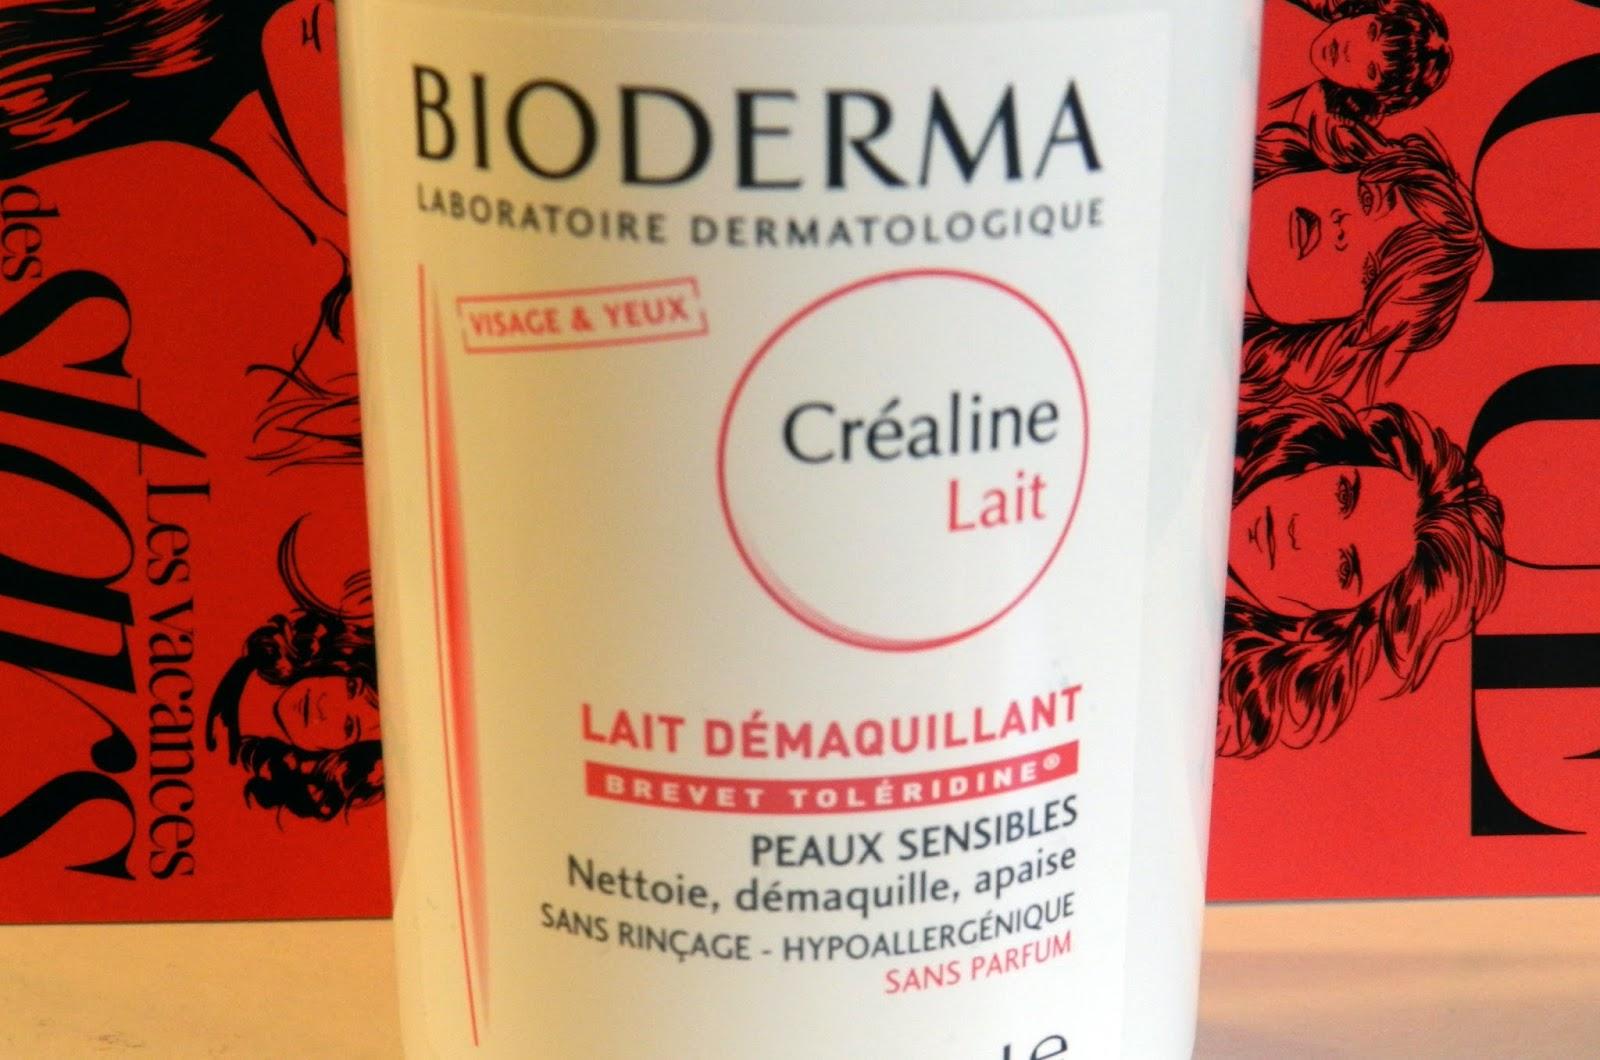 Bioderma Créaline Lait